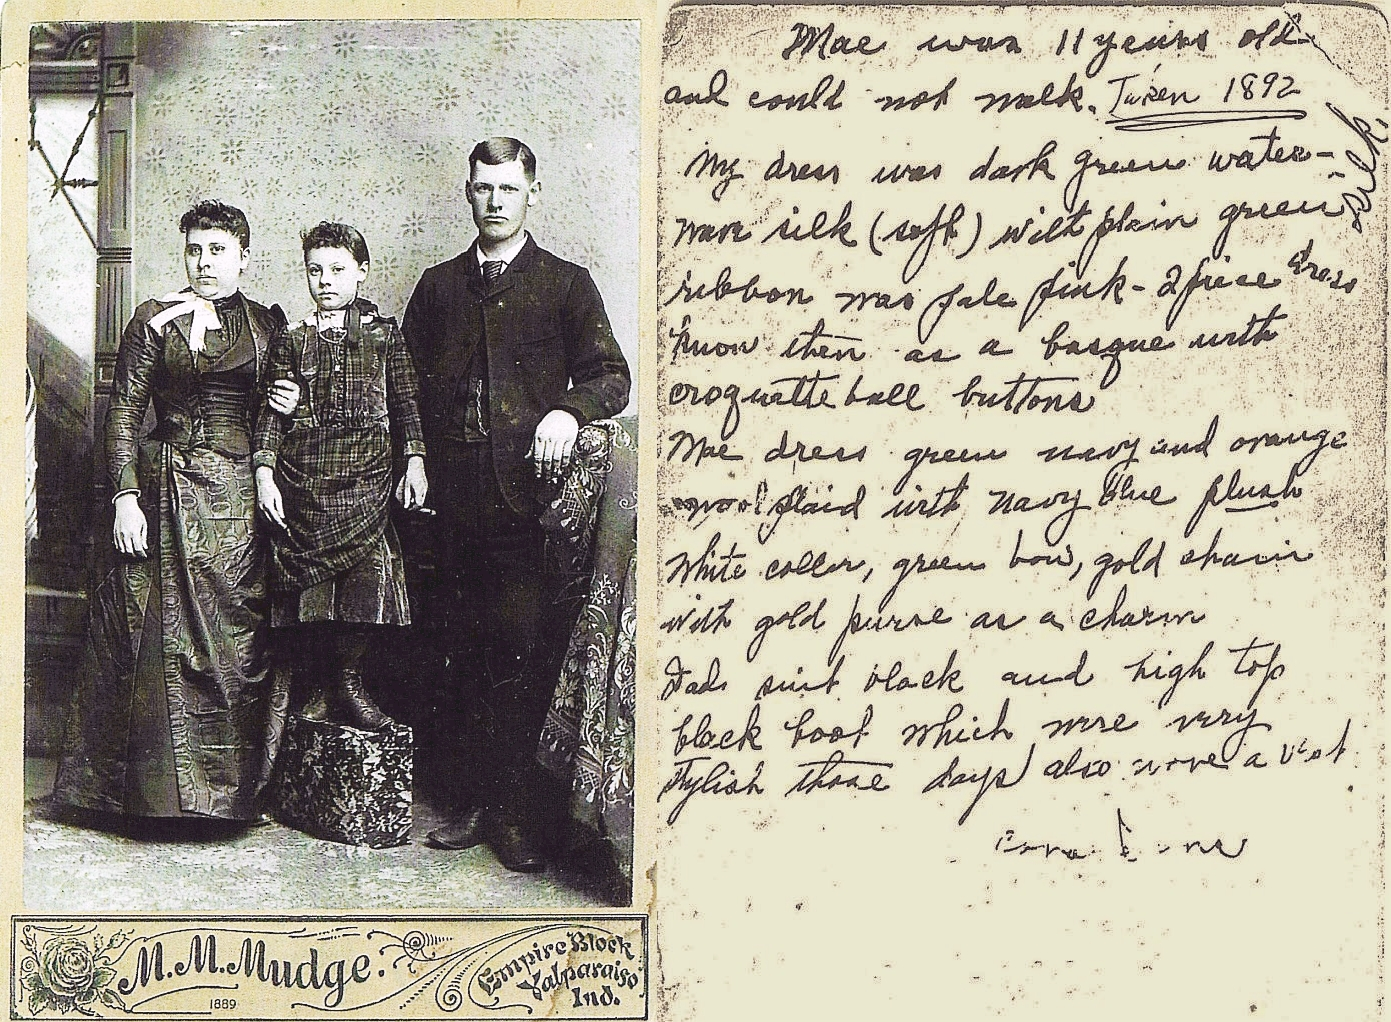 John Sams family 1892